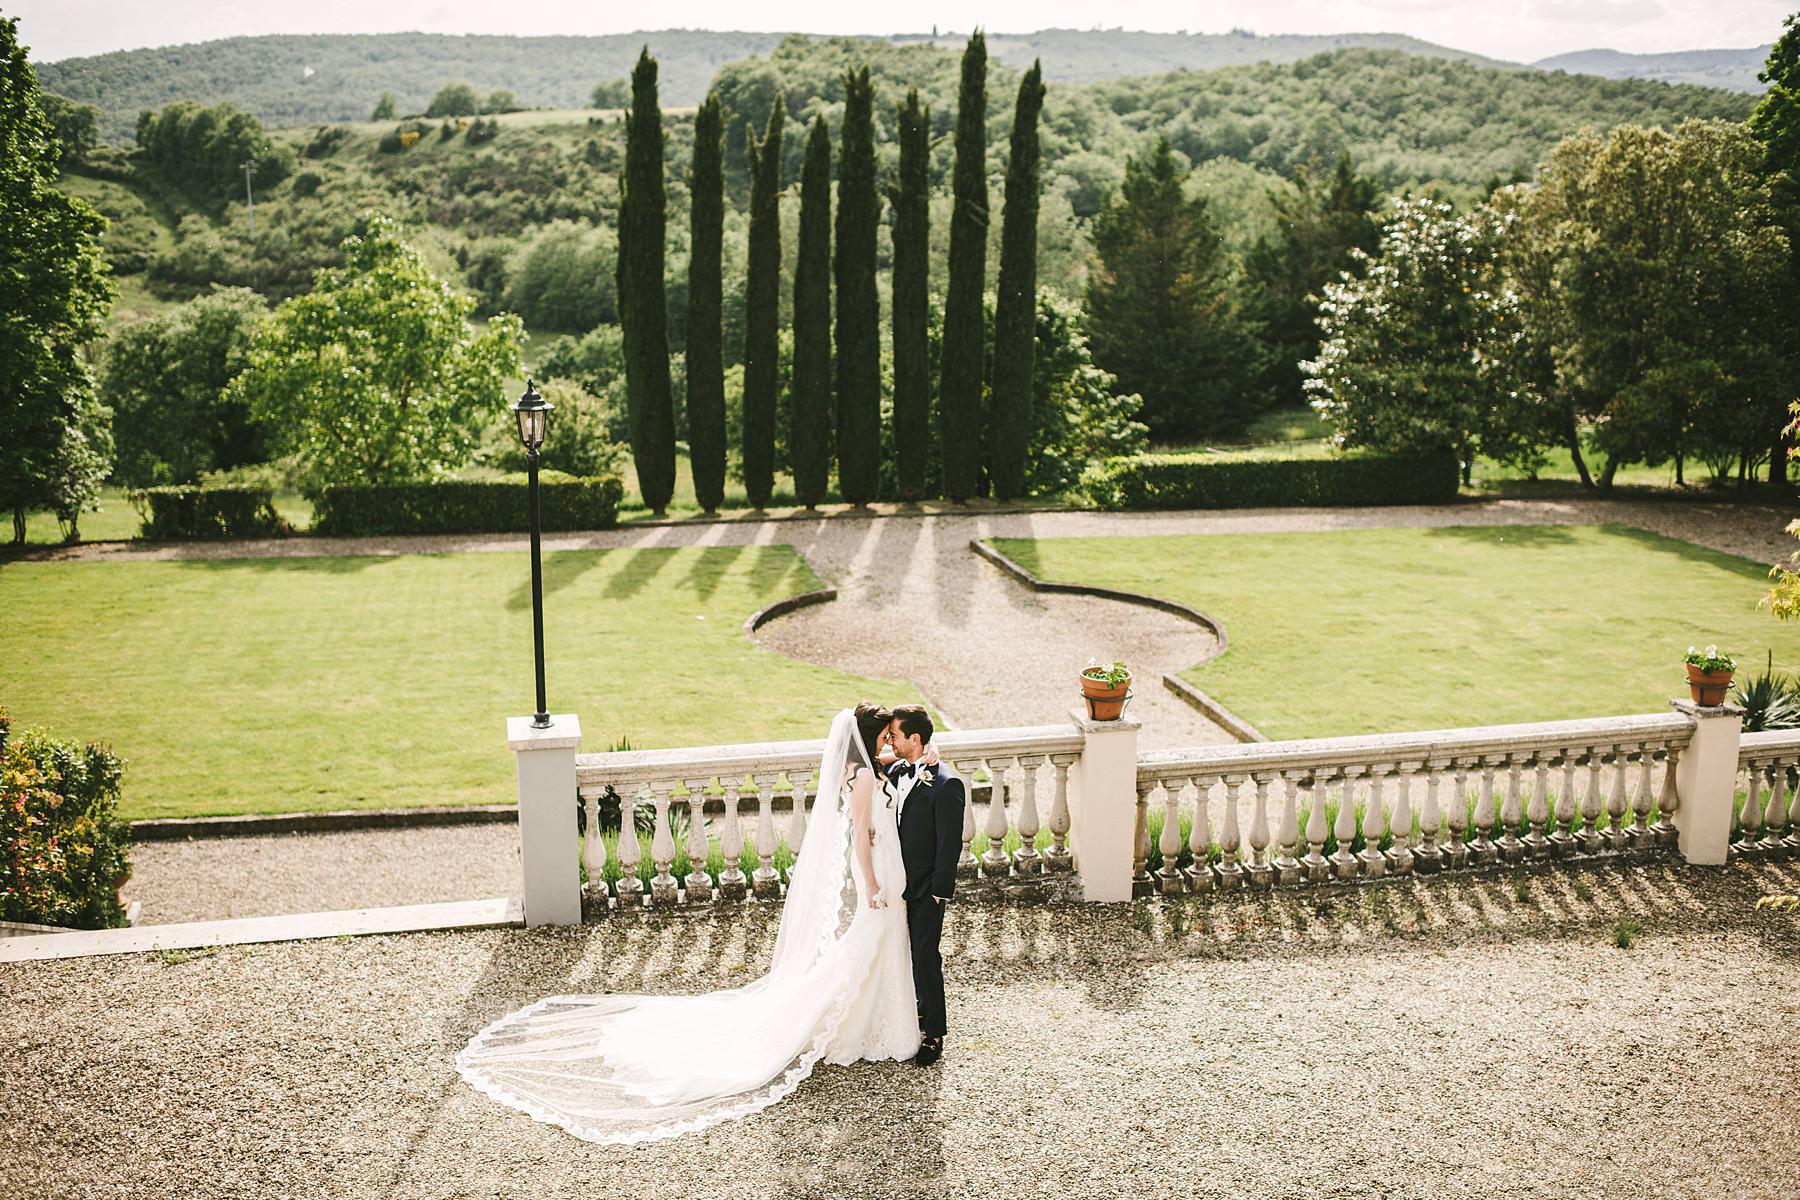 La Dolce Vita Style destination wedding in Tuscany at the charming historic estate of Villa La Selva Wine Resort